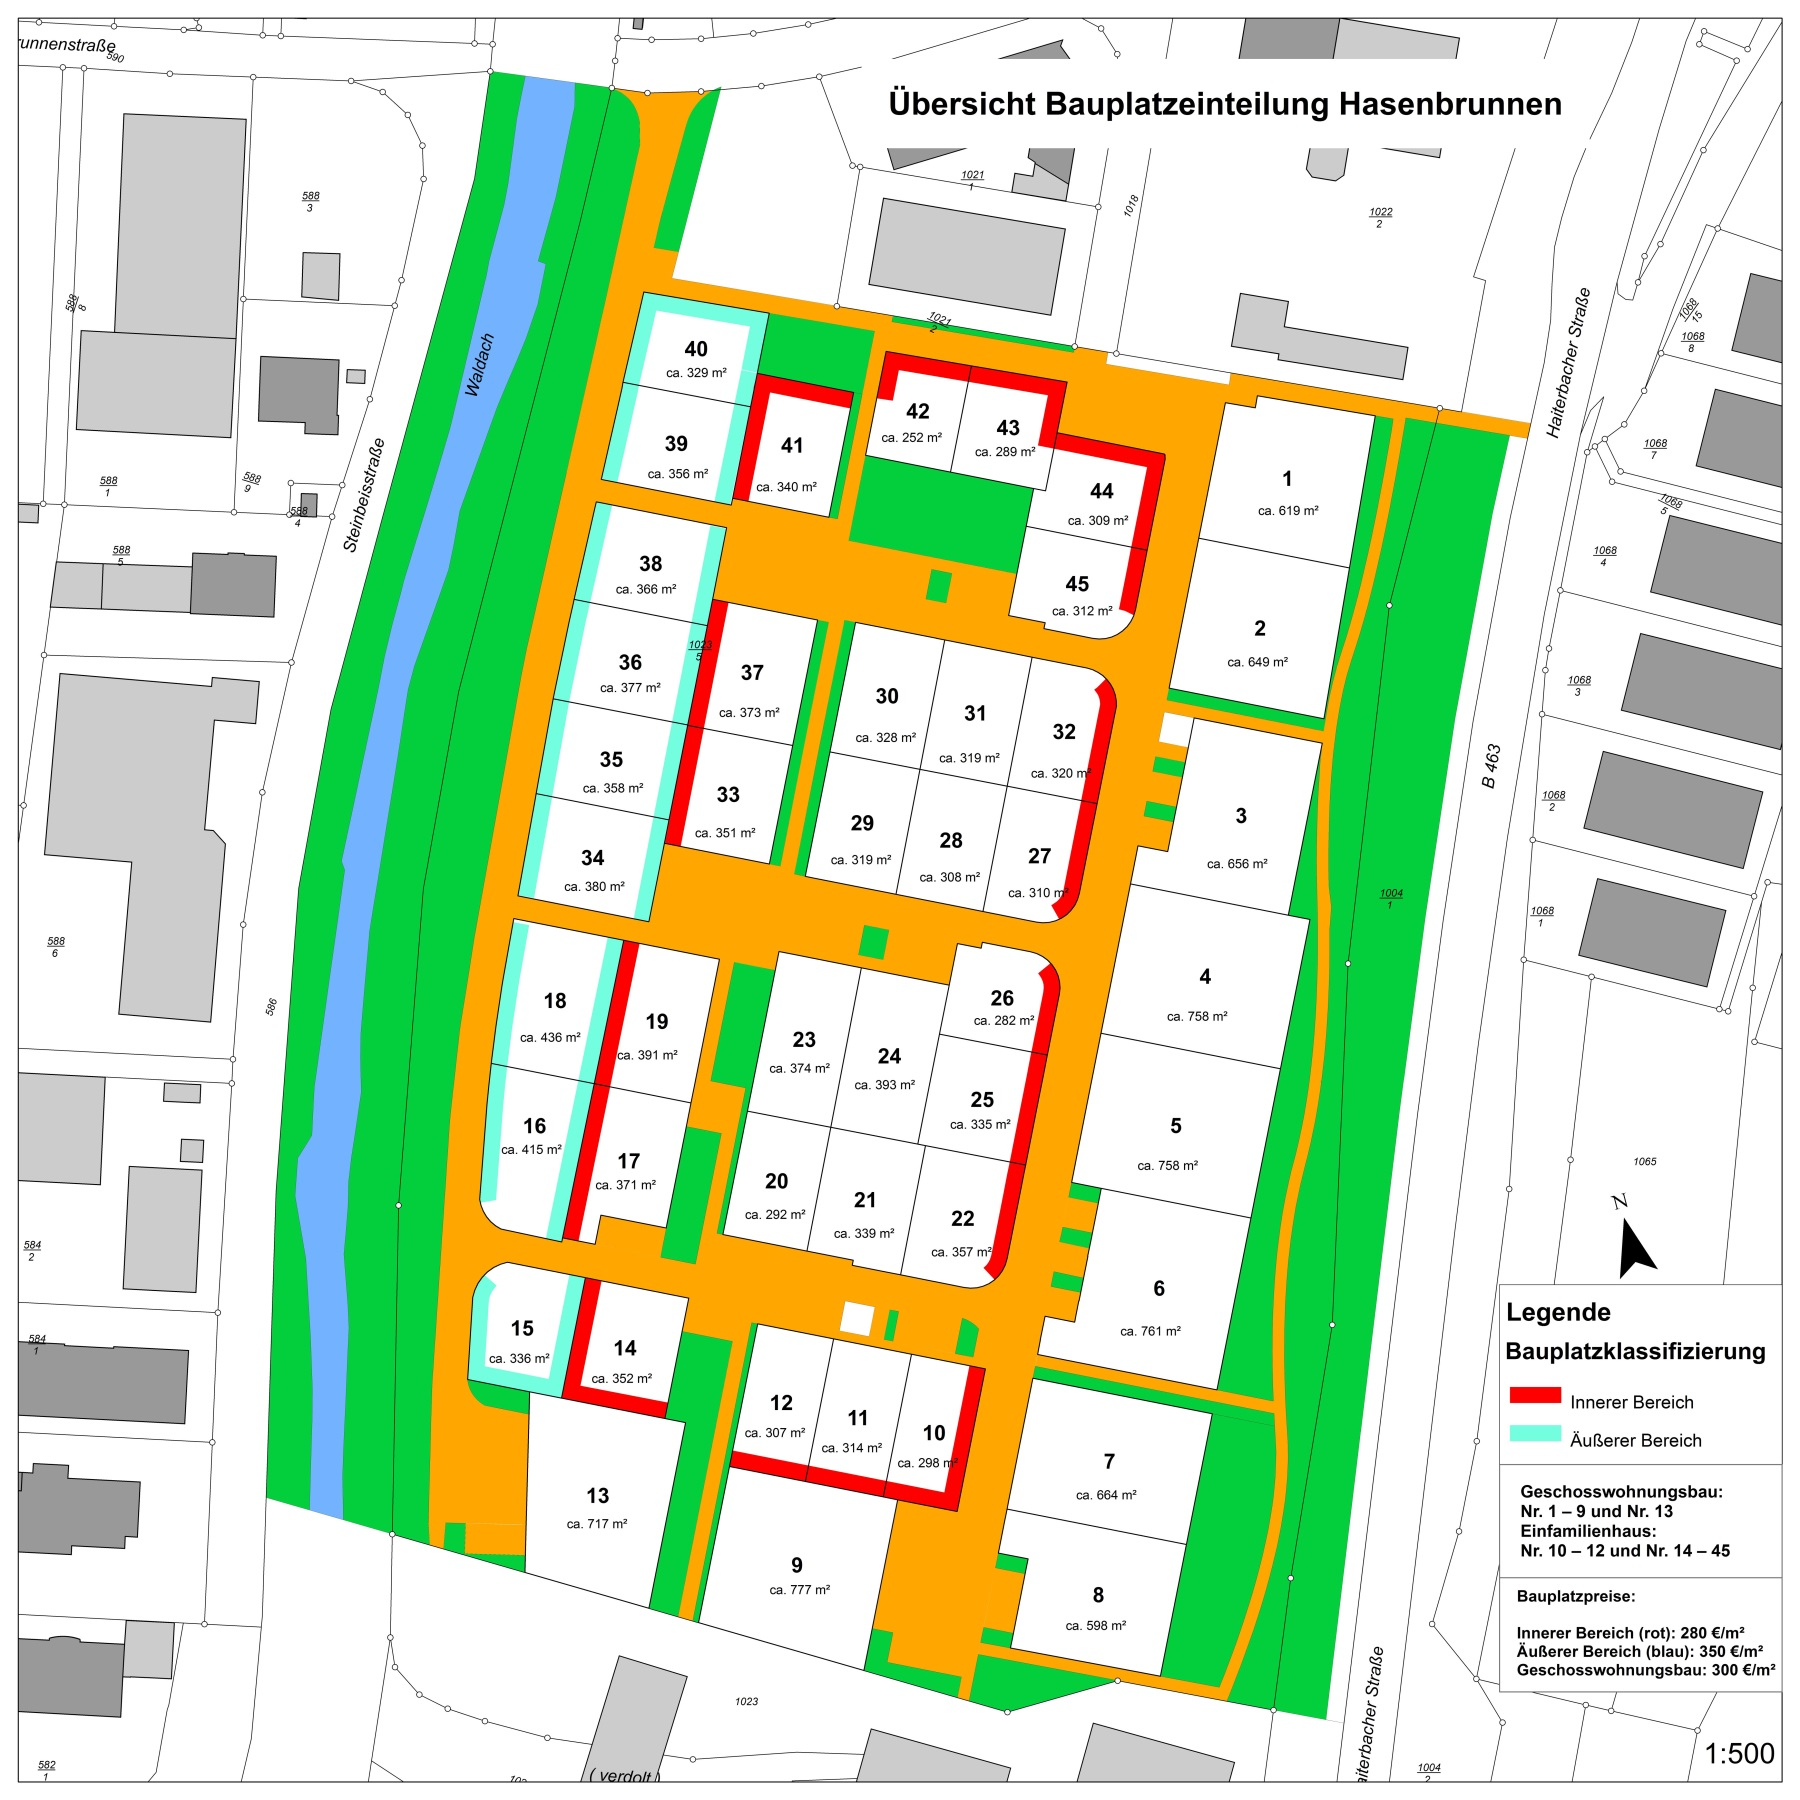 Bauplatzeinteilung Hasenbrunnen mit Nummerierung und Größe